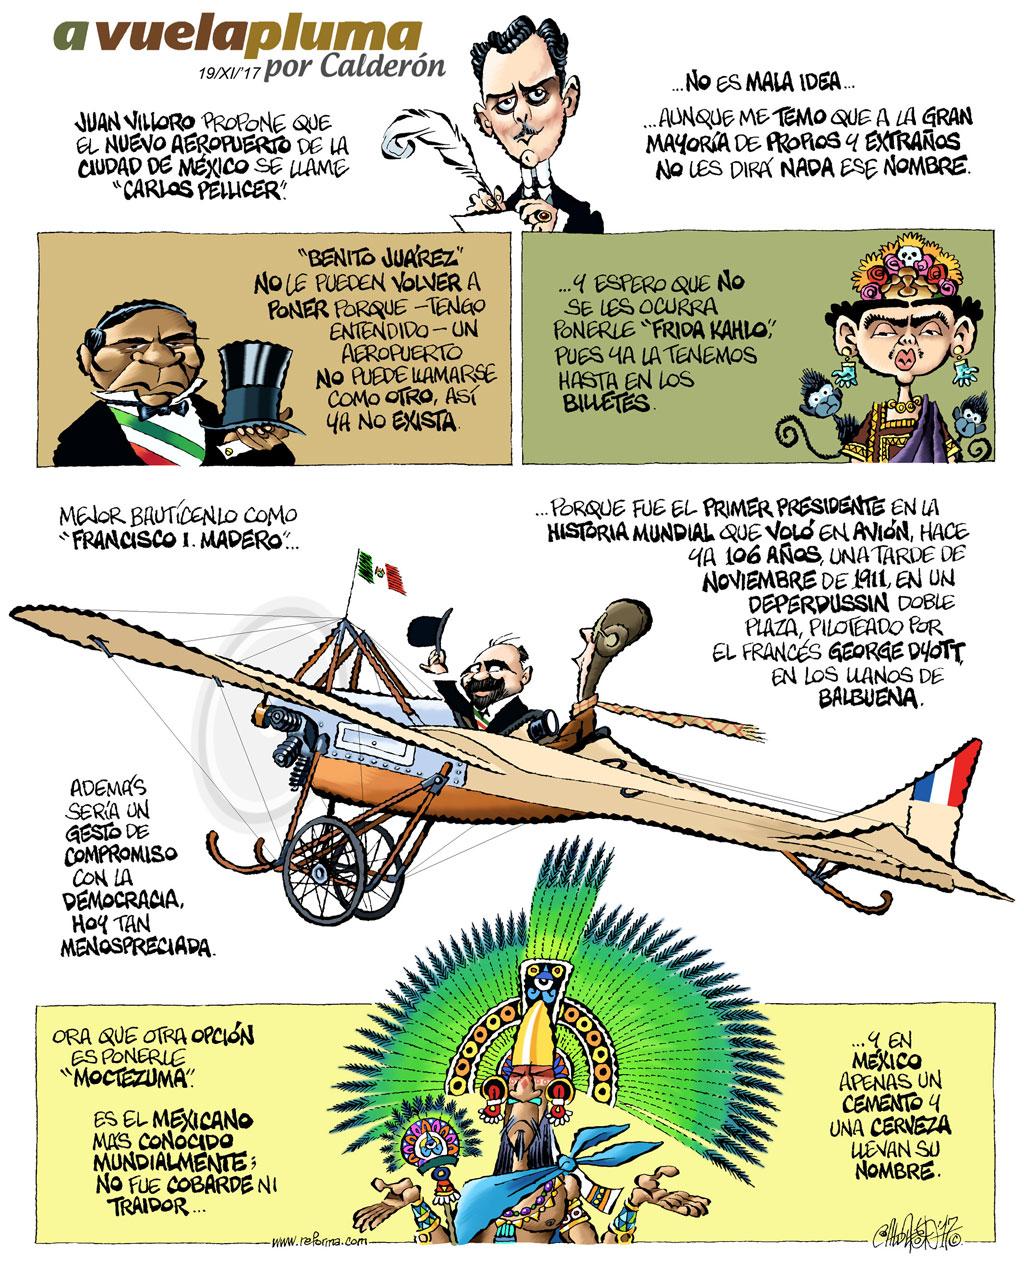 A vuela pluma - Calderón